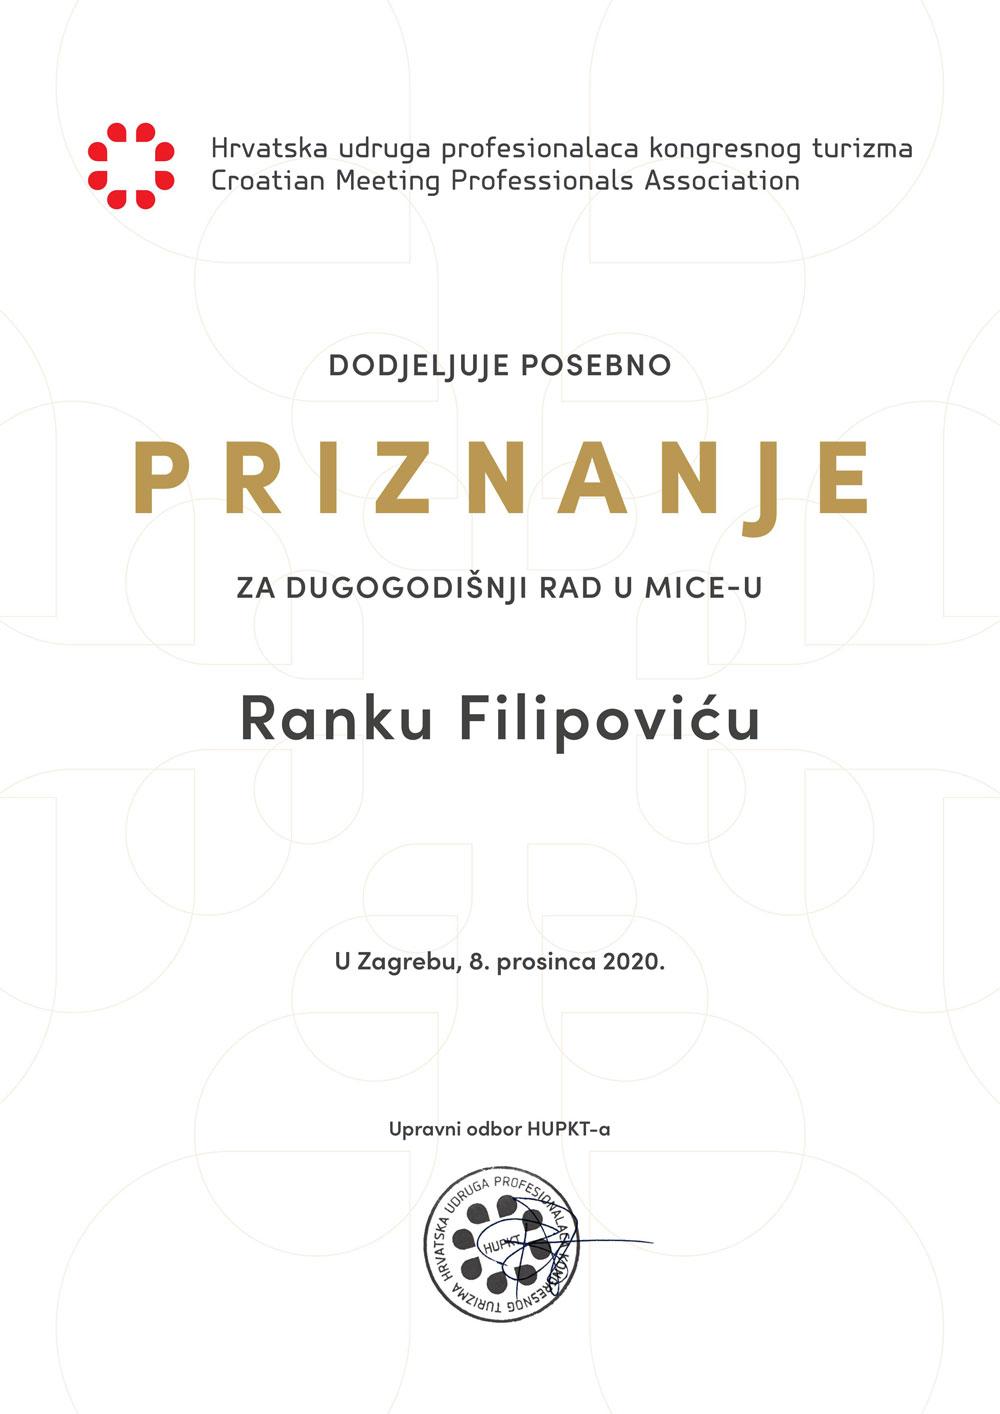 Ranko Filipović